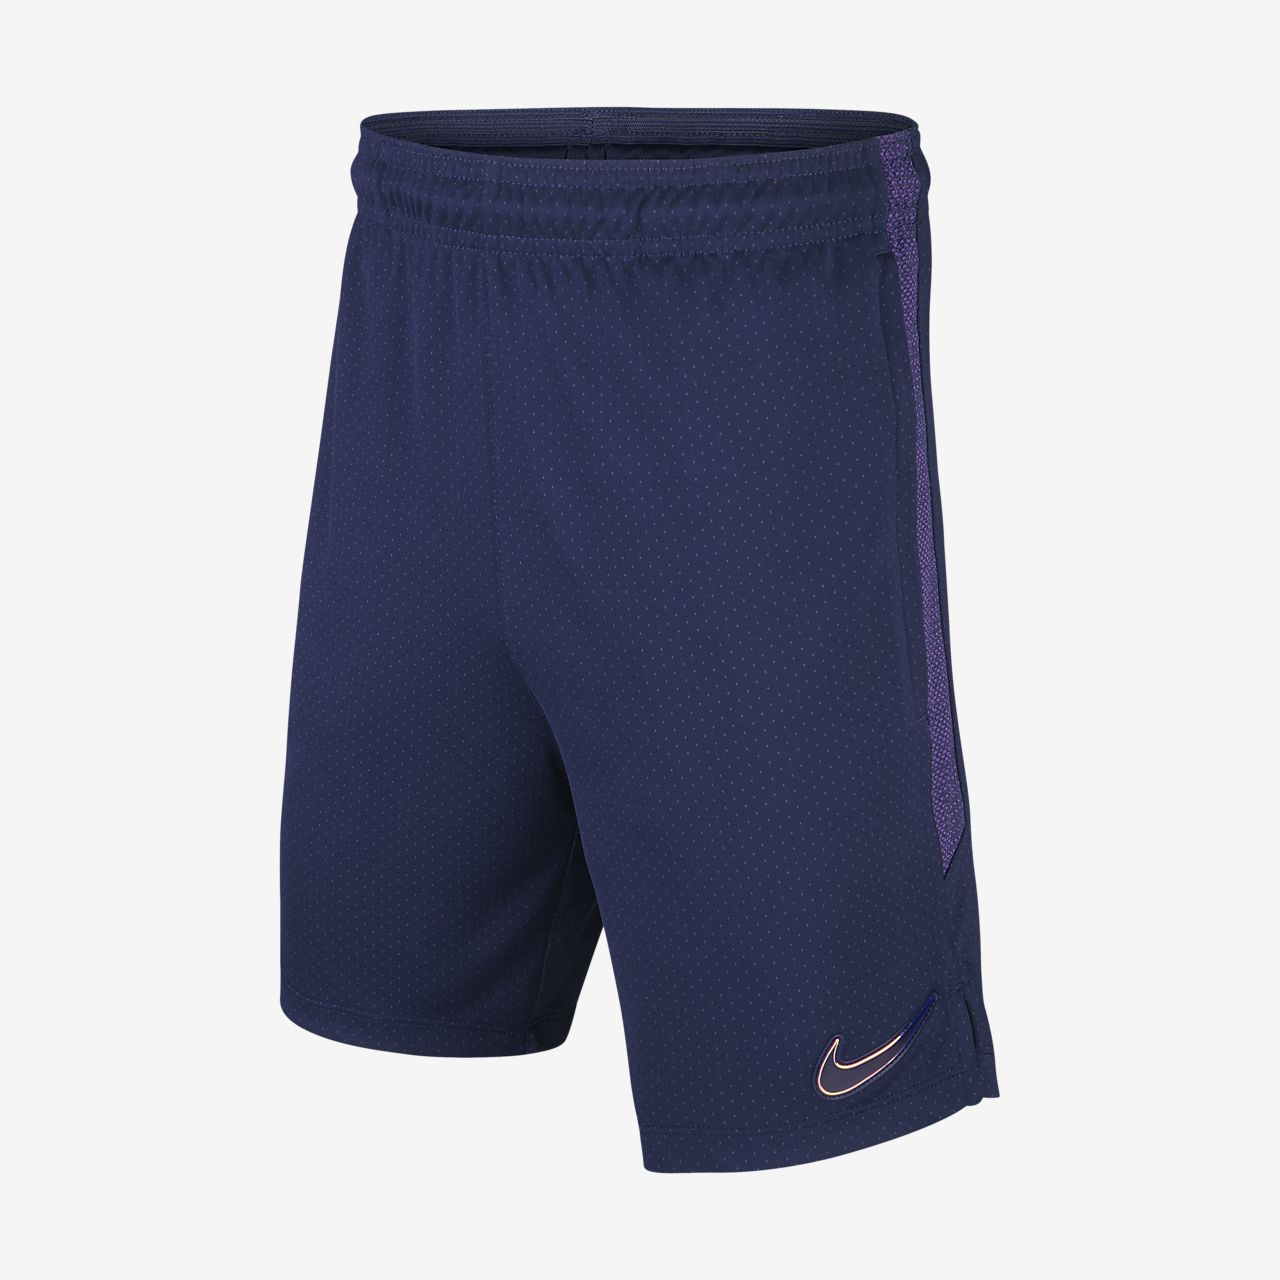 Футбольные шорты для школьников Nike Dri-FIT Tottenham Hotspur Strike